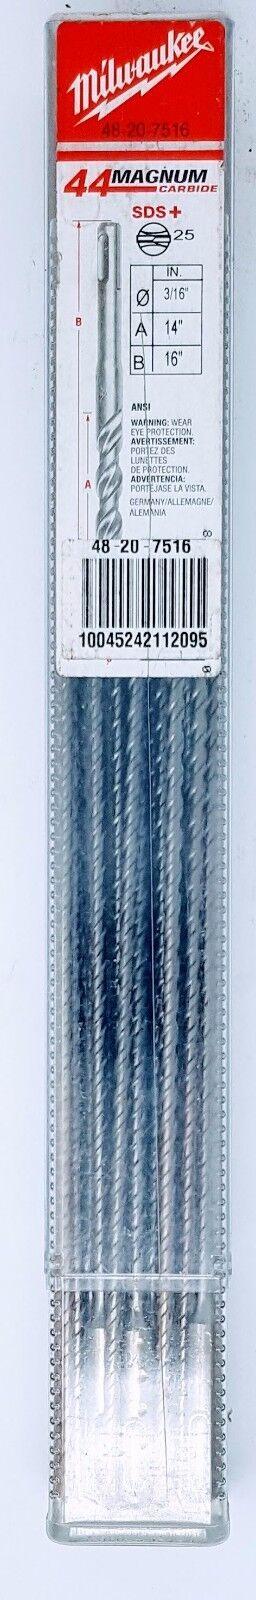 (25PK) MILWAUKEE 48-20-7516 48-20-7416 2-Cutter 3 16 x14 x16  SDS+ Carbide Bits